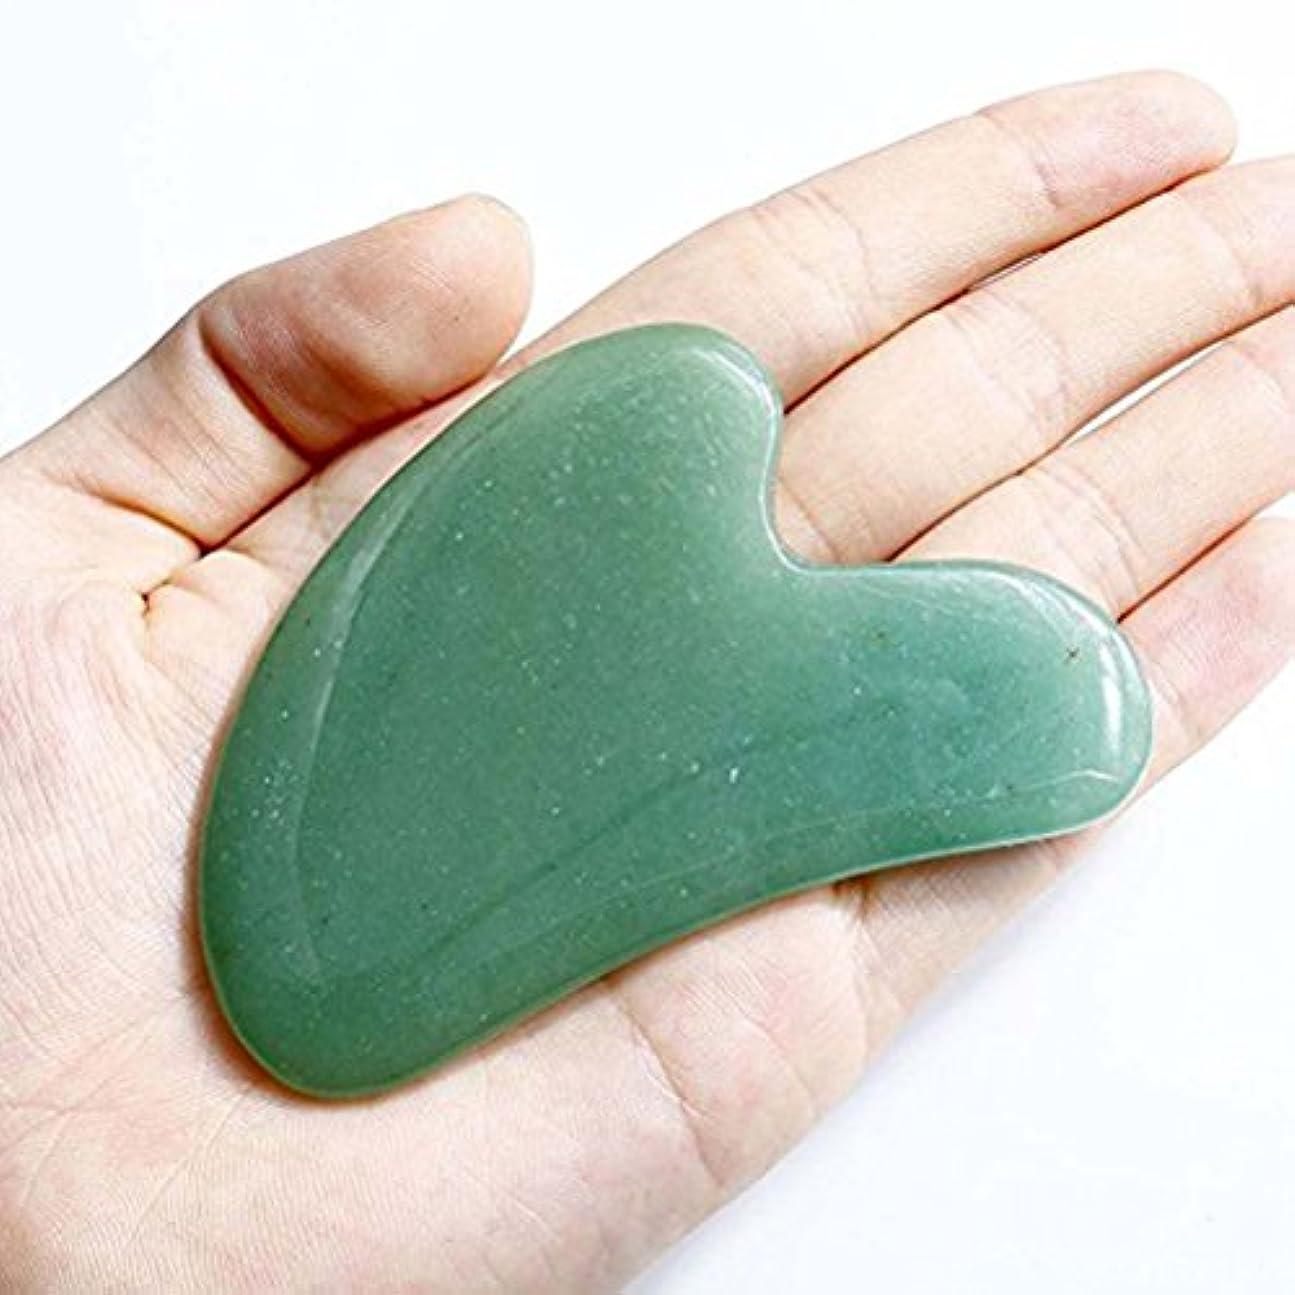 好む甘くするこどもの日Echo & Kern Face / Body Massage Green Aventurine heart shape ハート形状かっさプレート 天然石 翡翠色(顔?ボディのリンパマッサージ) (かっさプレートH)